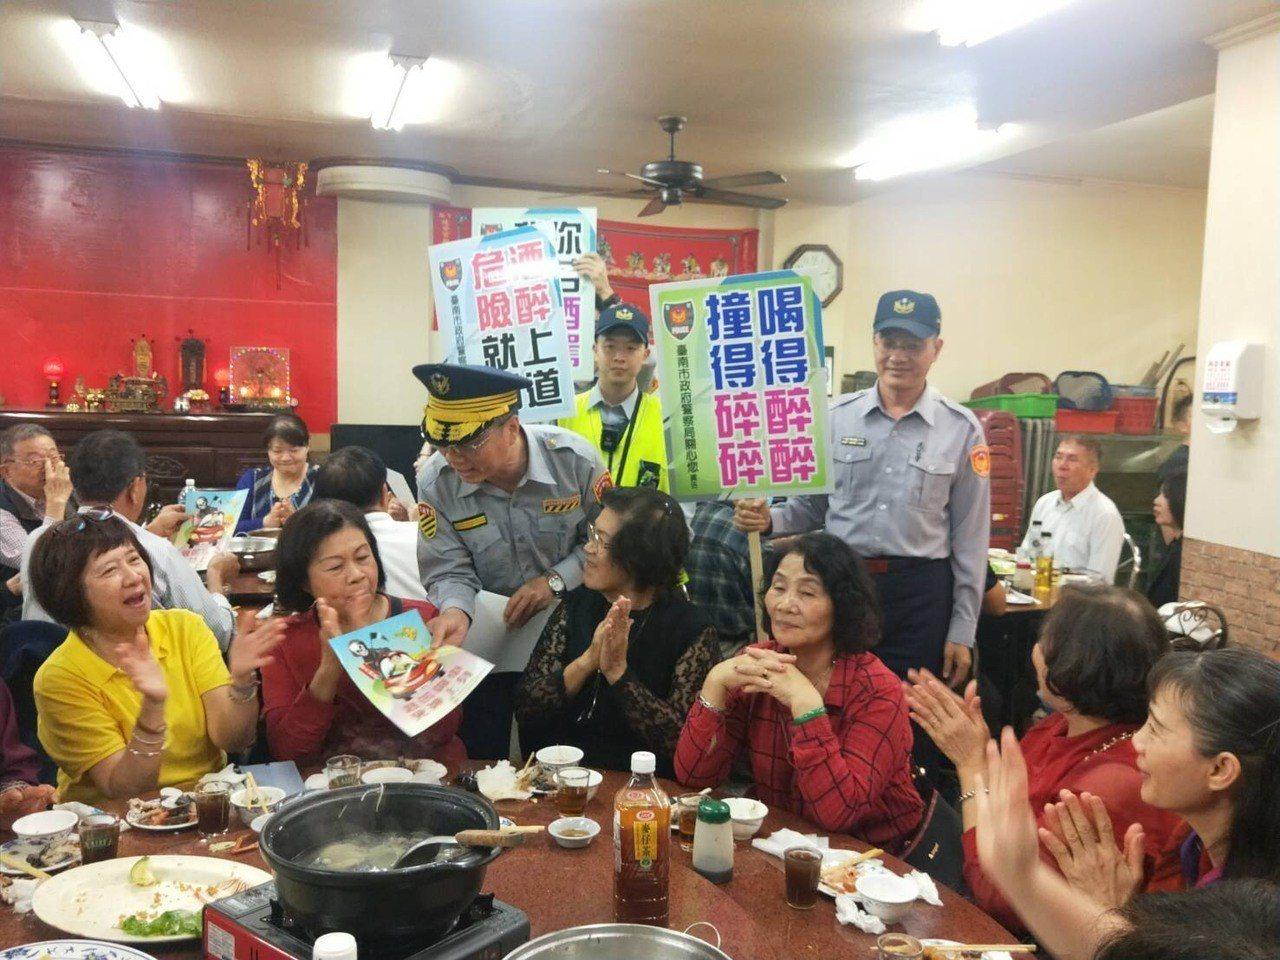 警方晚間在重要路段攔查酒駕並到飲酒餐廳宣導。圖/警方提供